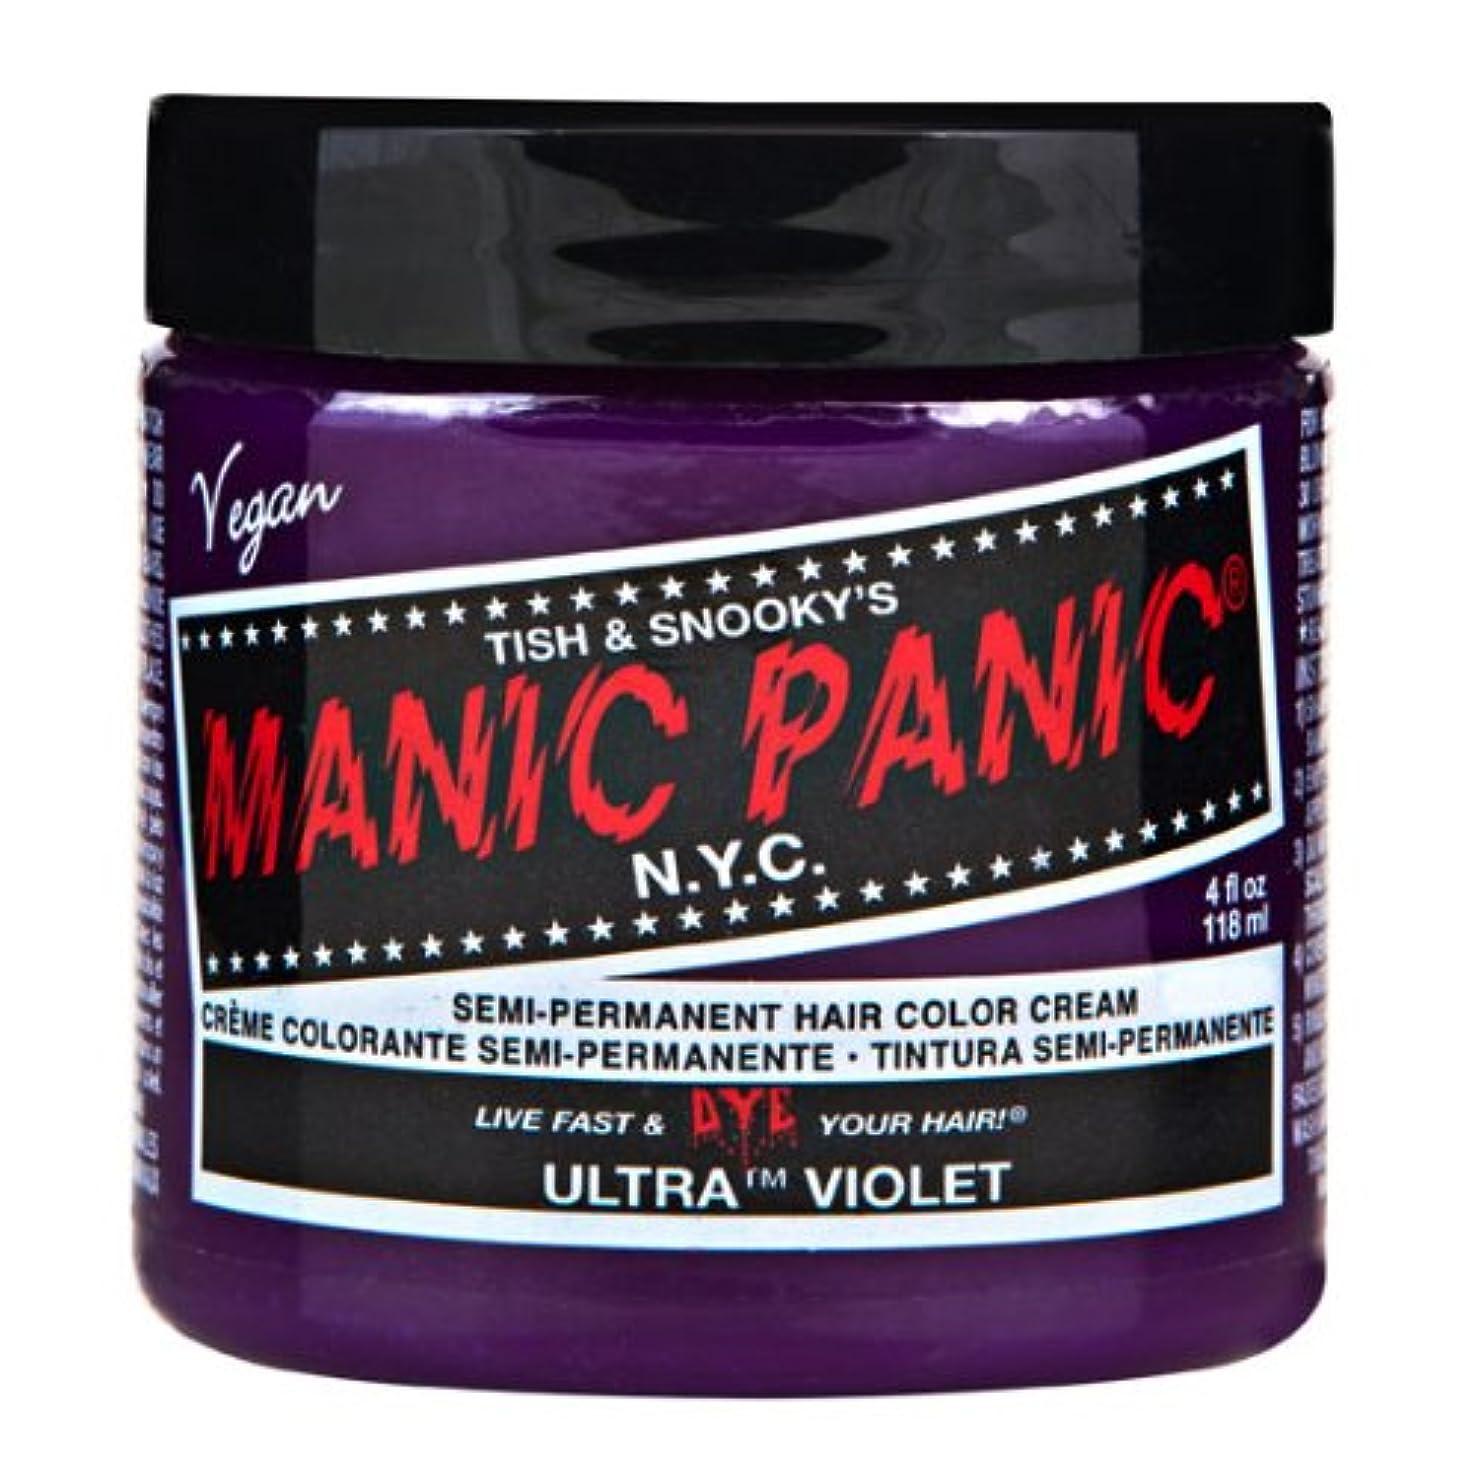 一族肥沃な崩壊マニックパニック MANIC PANIC ヘアカラー 118mlウルトラヴァイオレット ヘアーカラー